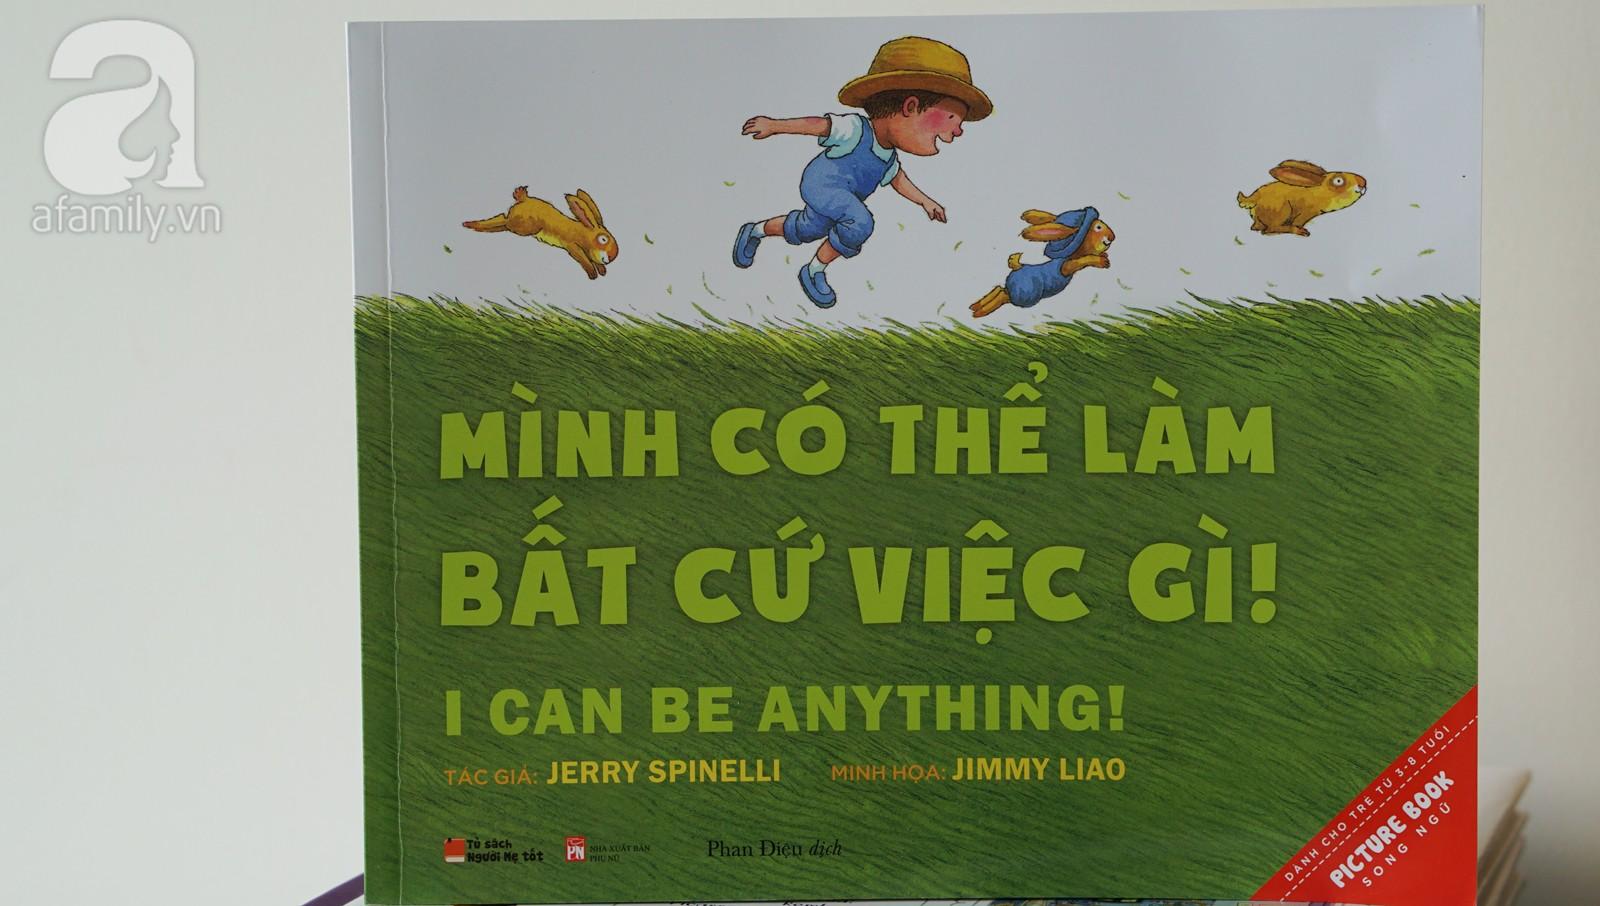 Muốn con học siêu tiếng Anh từ nhỏ, bố mẹ không thể bỏ qua những cuốn sách song ngữ này! - Ảnh 3.